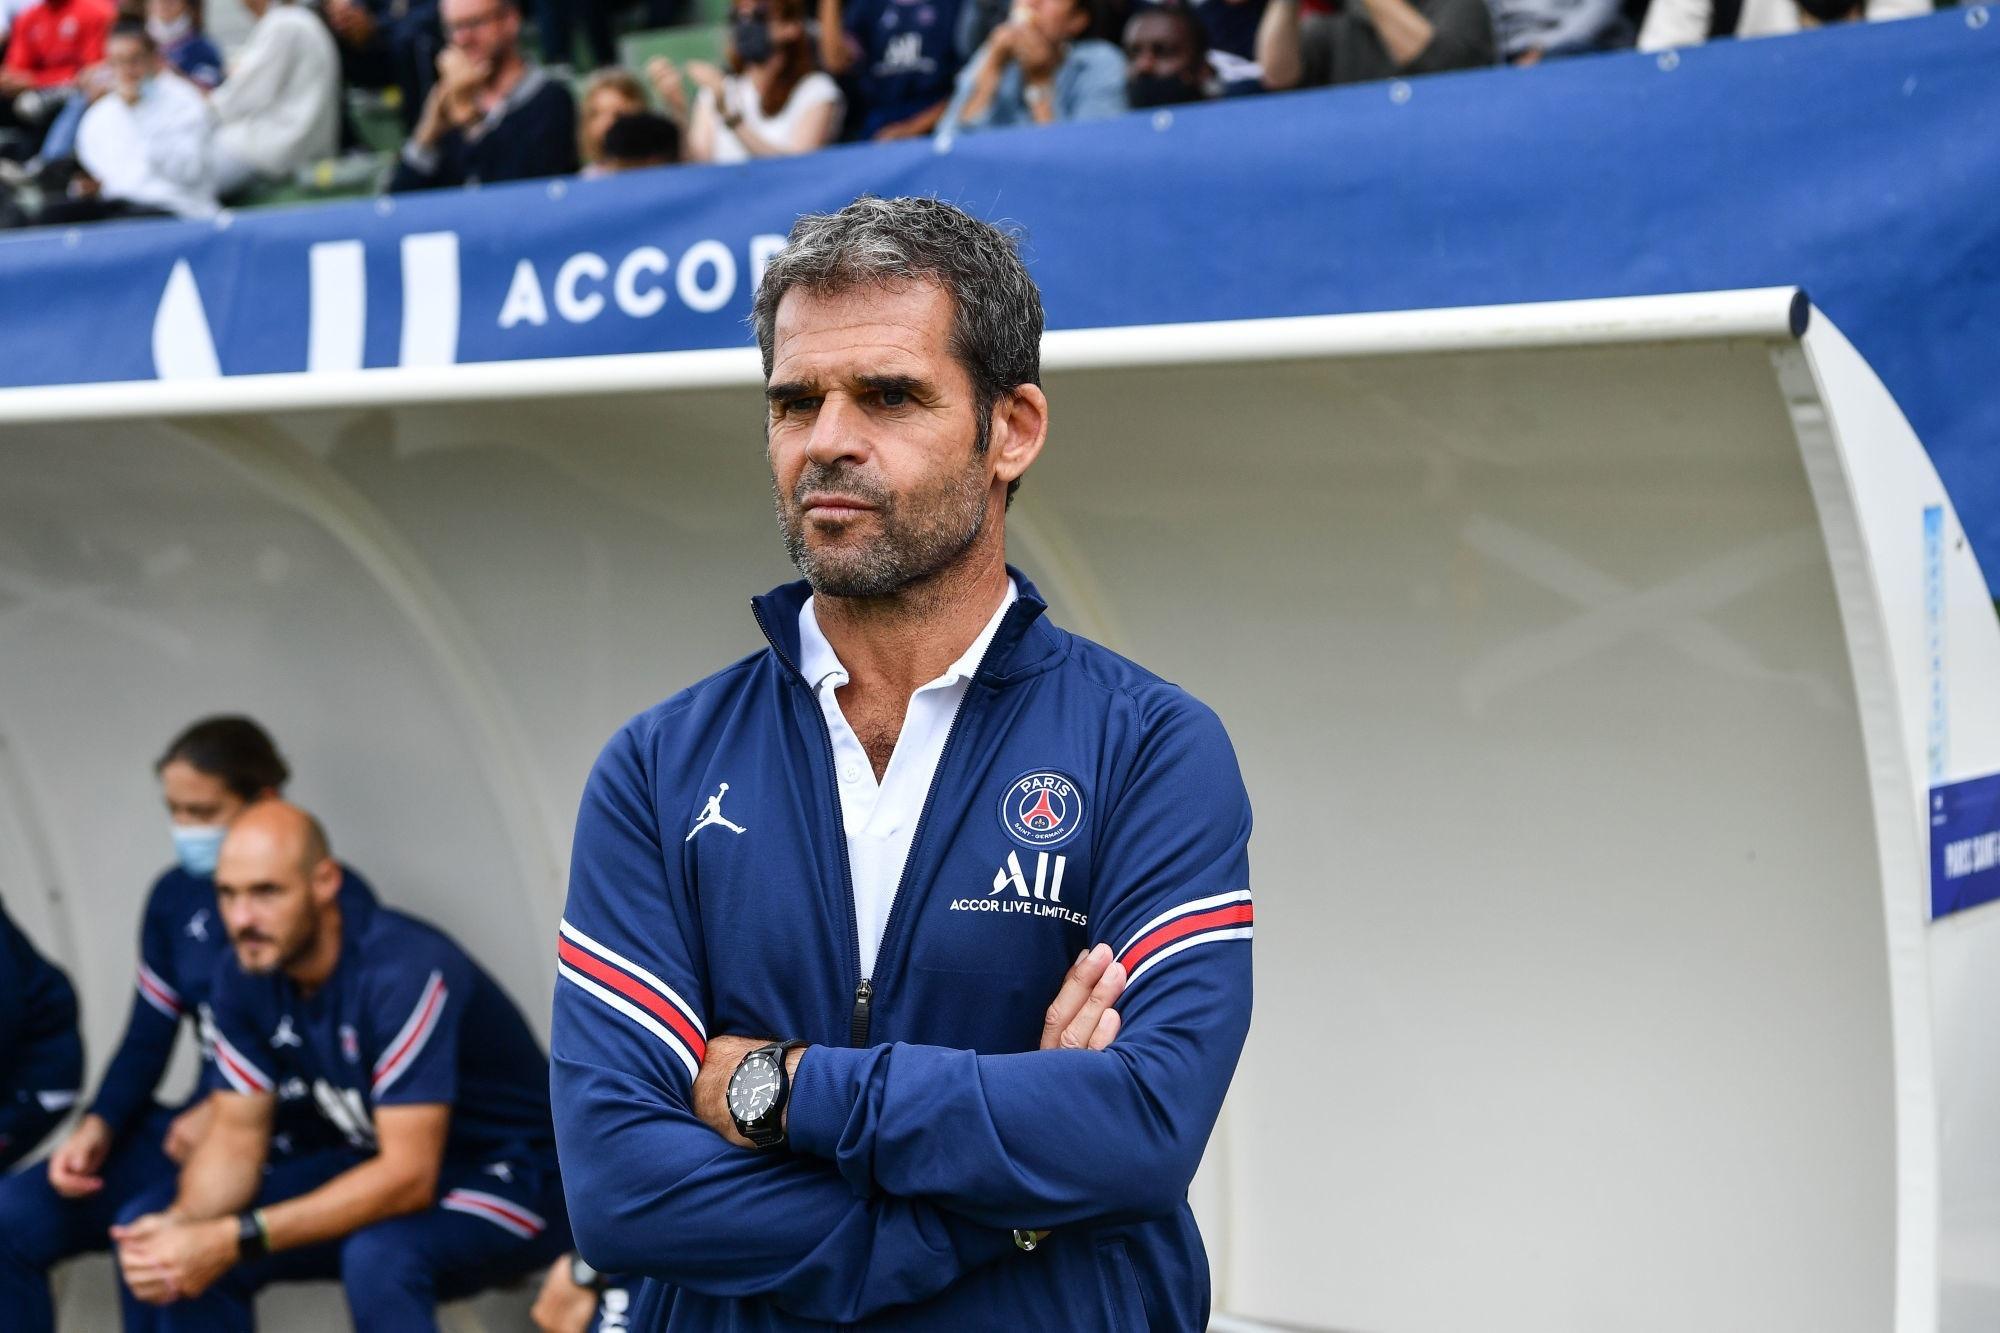 """PSG/Paris FC - Malgré la victoire, Ollé-Nicolle veut une équipe """"plus tueuse"""""""